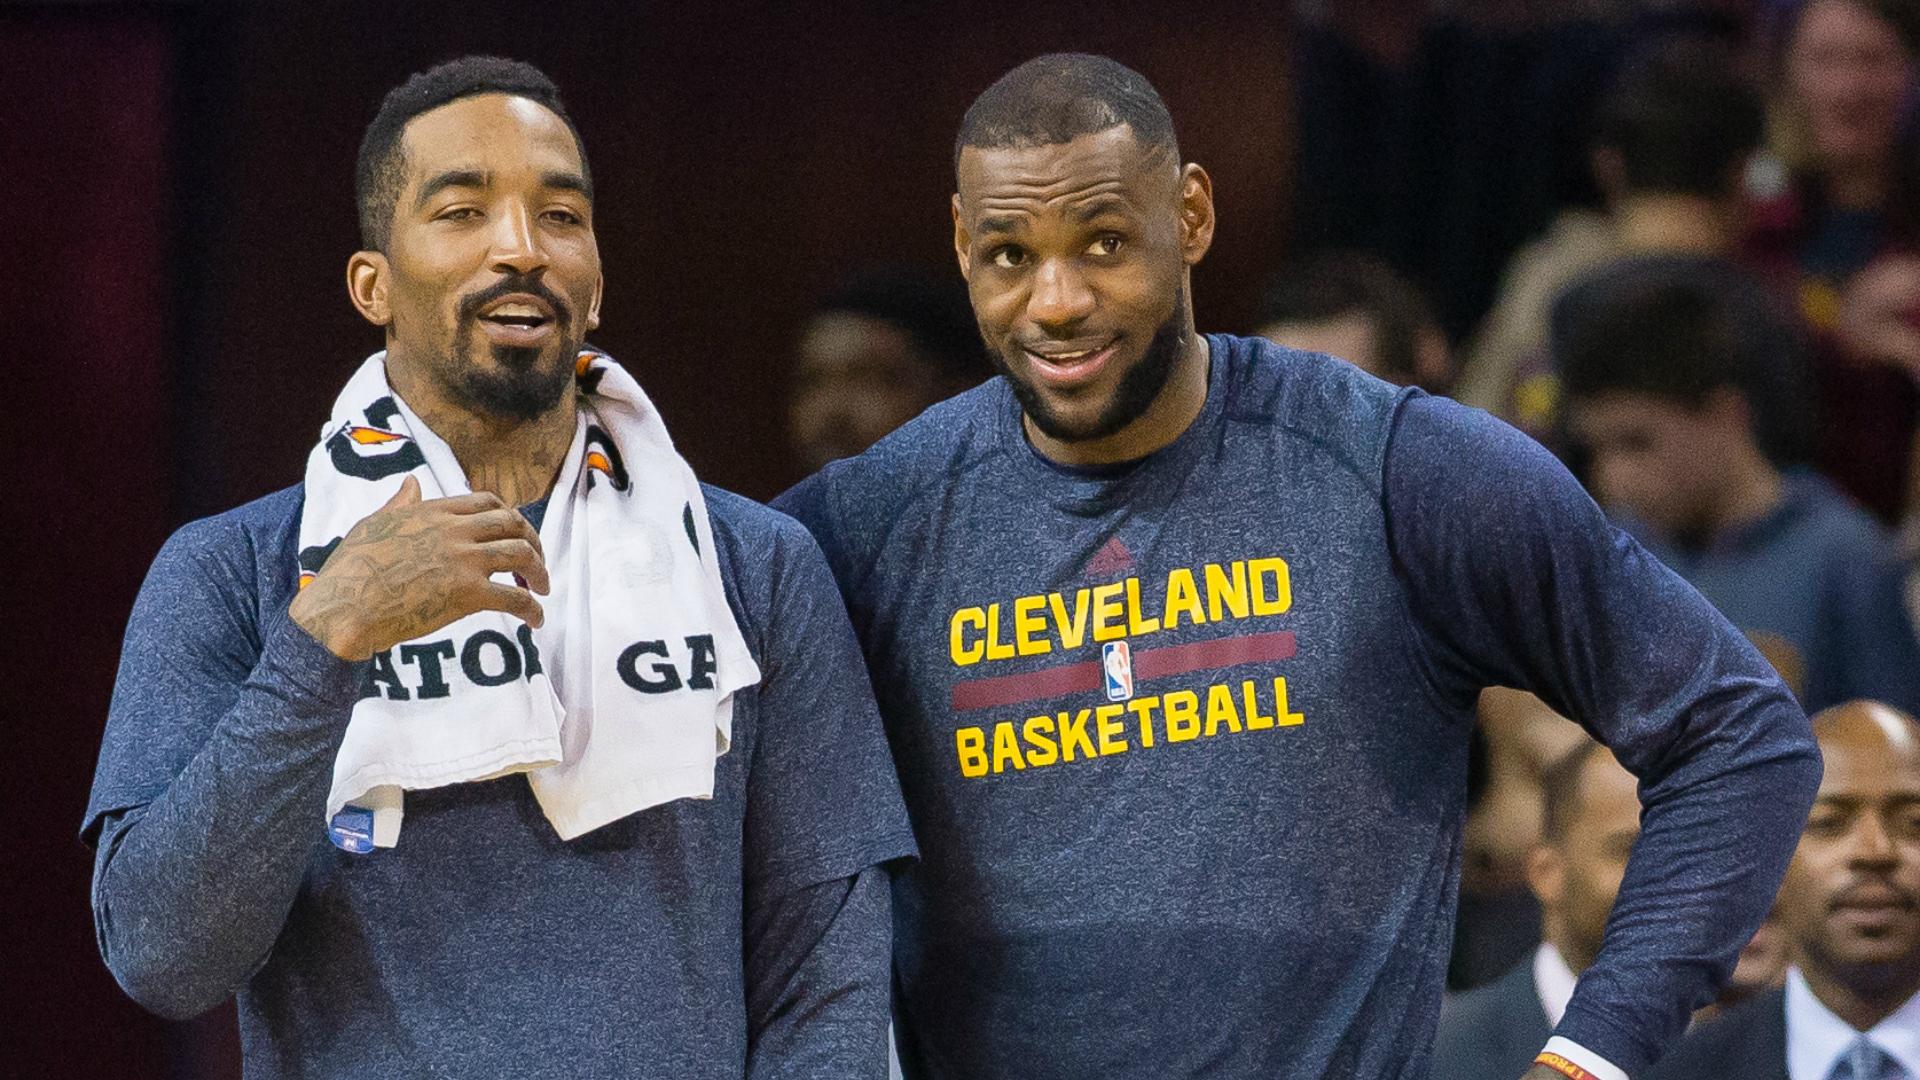 بسکتبال NBA؛ لبران جیمز خواستار تمدید قرار داد جی آر اسمیت با کلیولند کاوالیرز شد